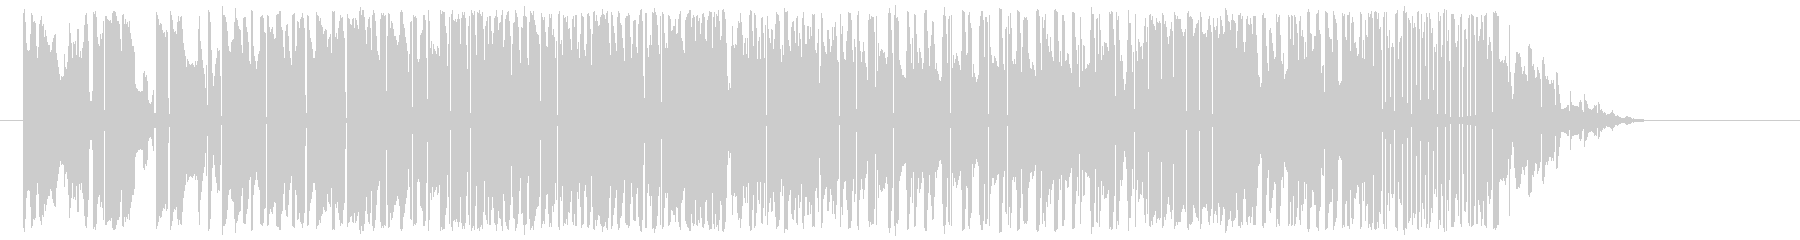 ツーリストブルズの未再生の波形